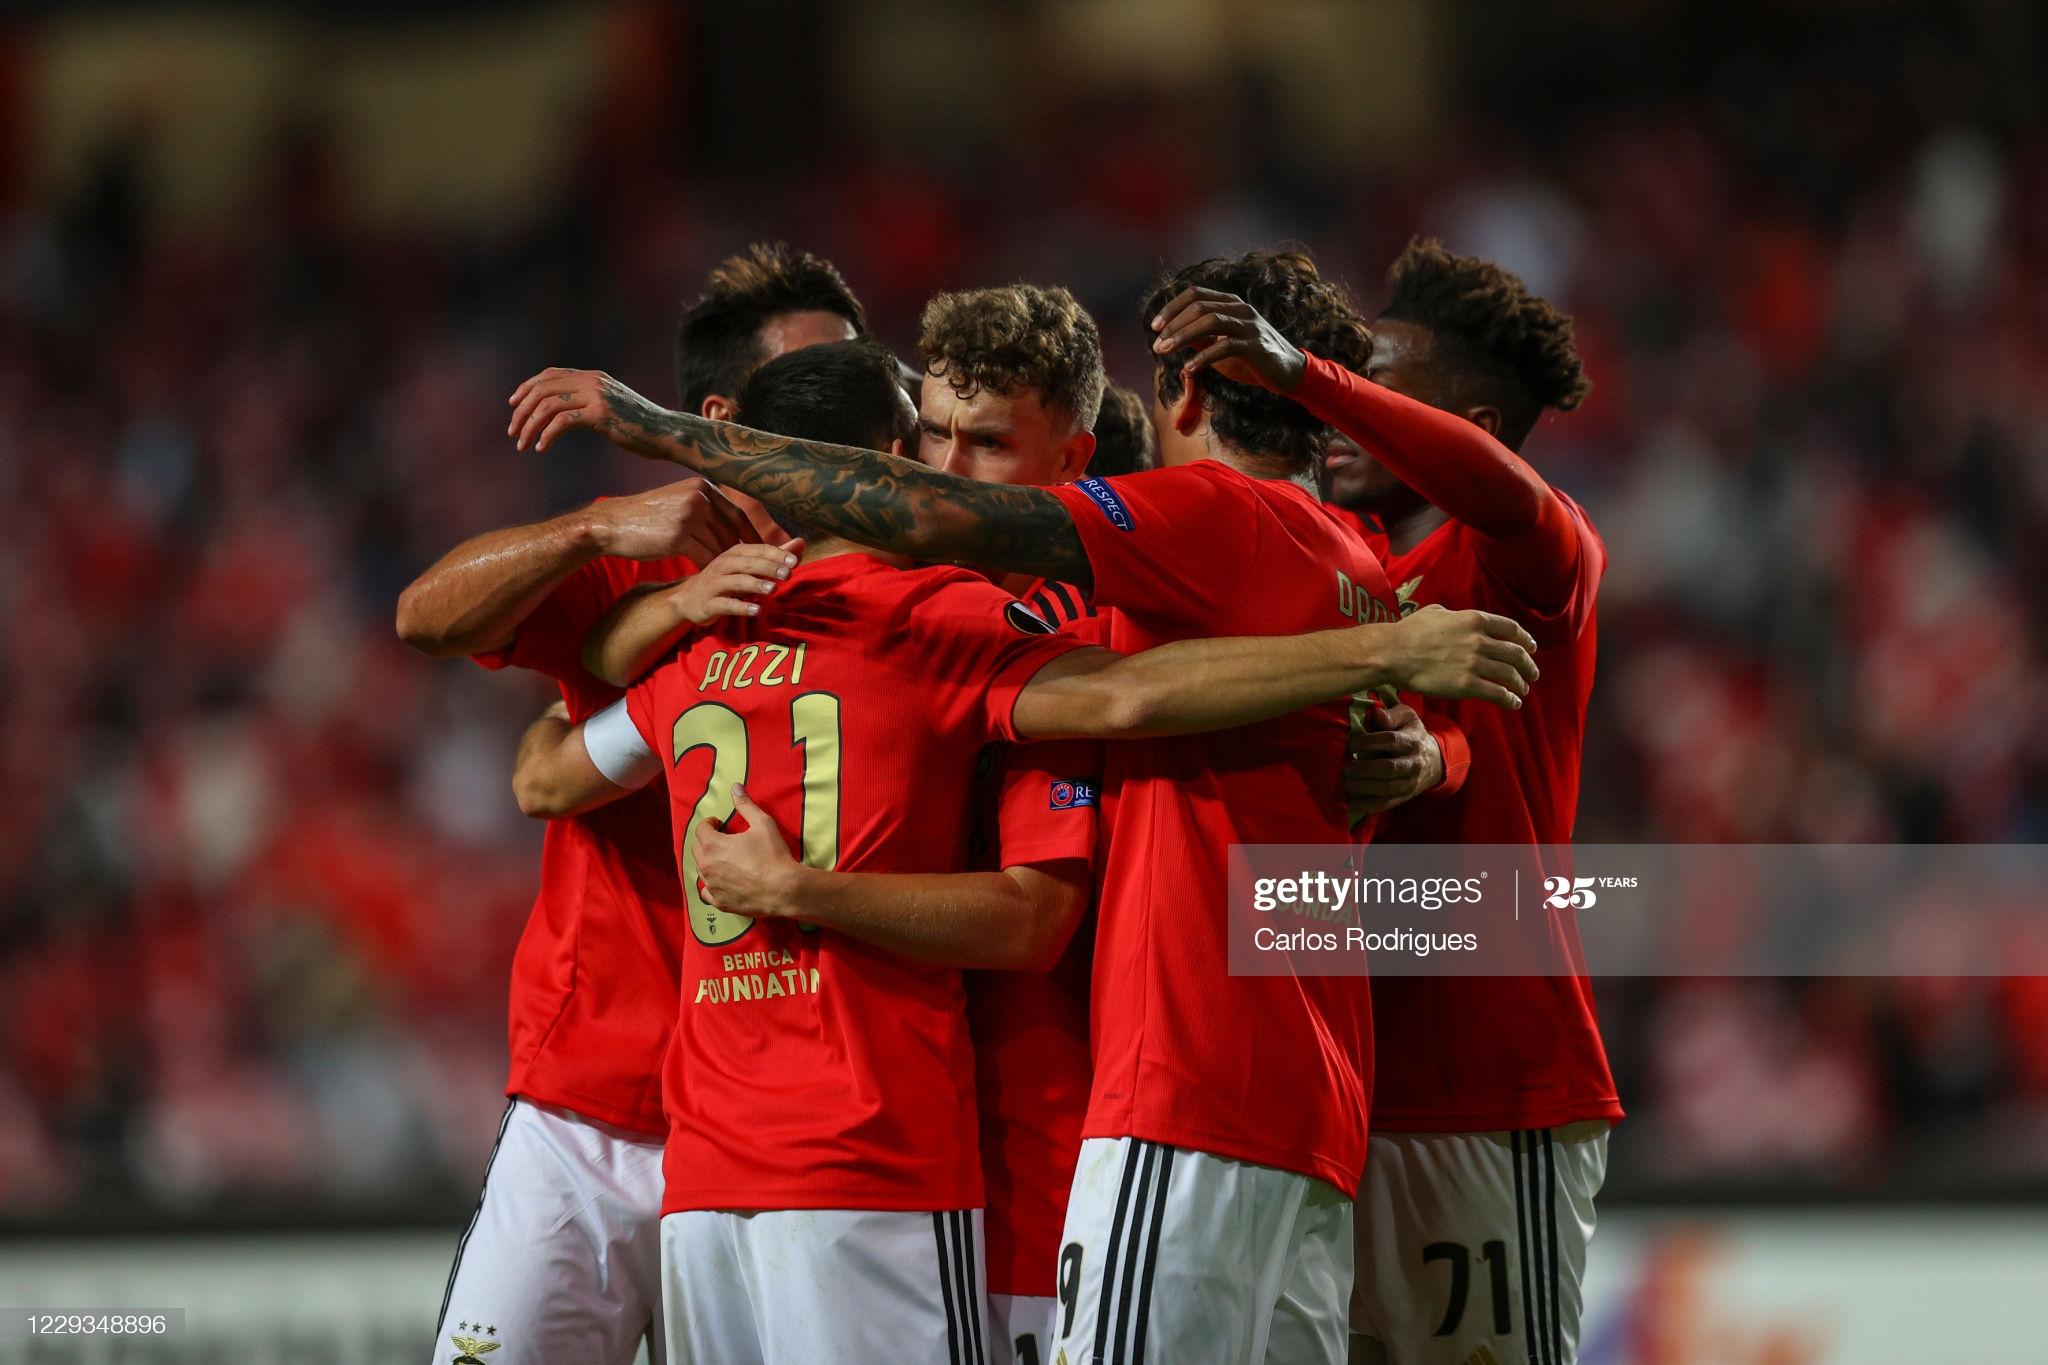 Benfica vs Rangers